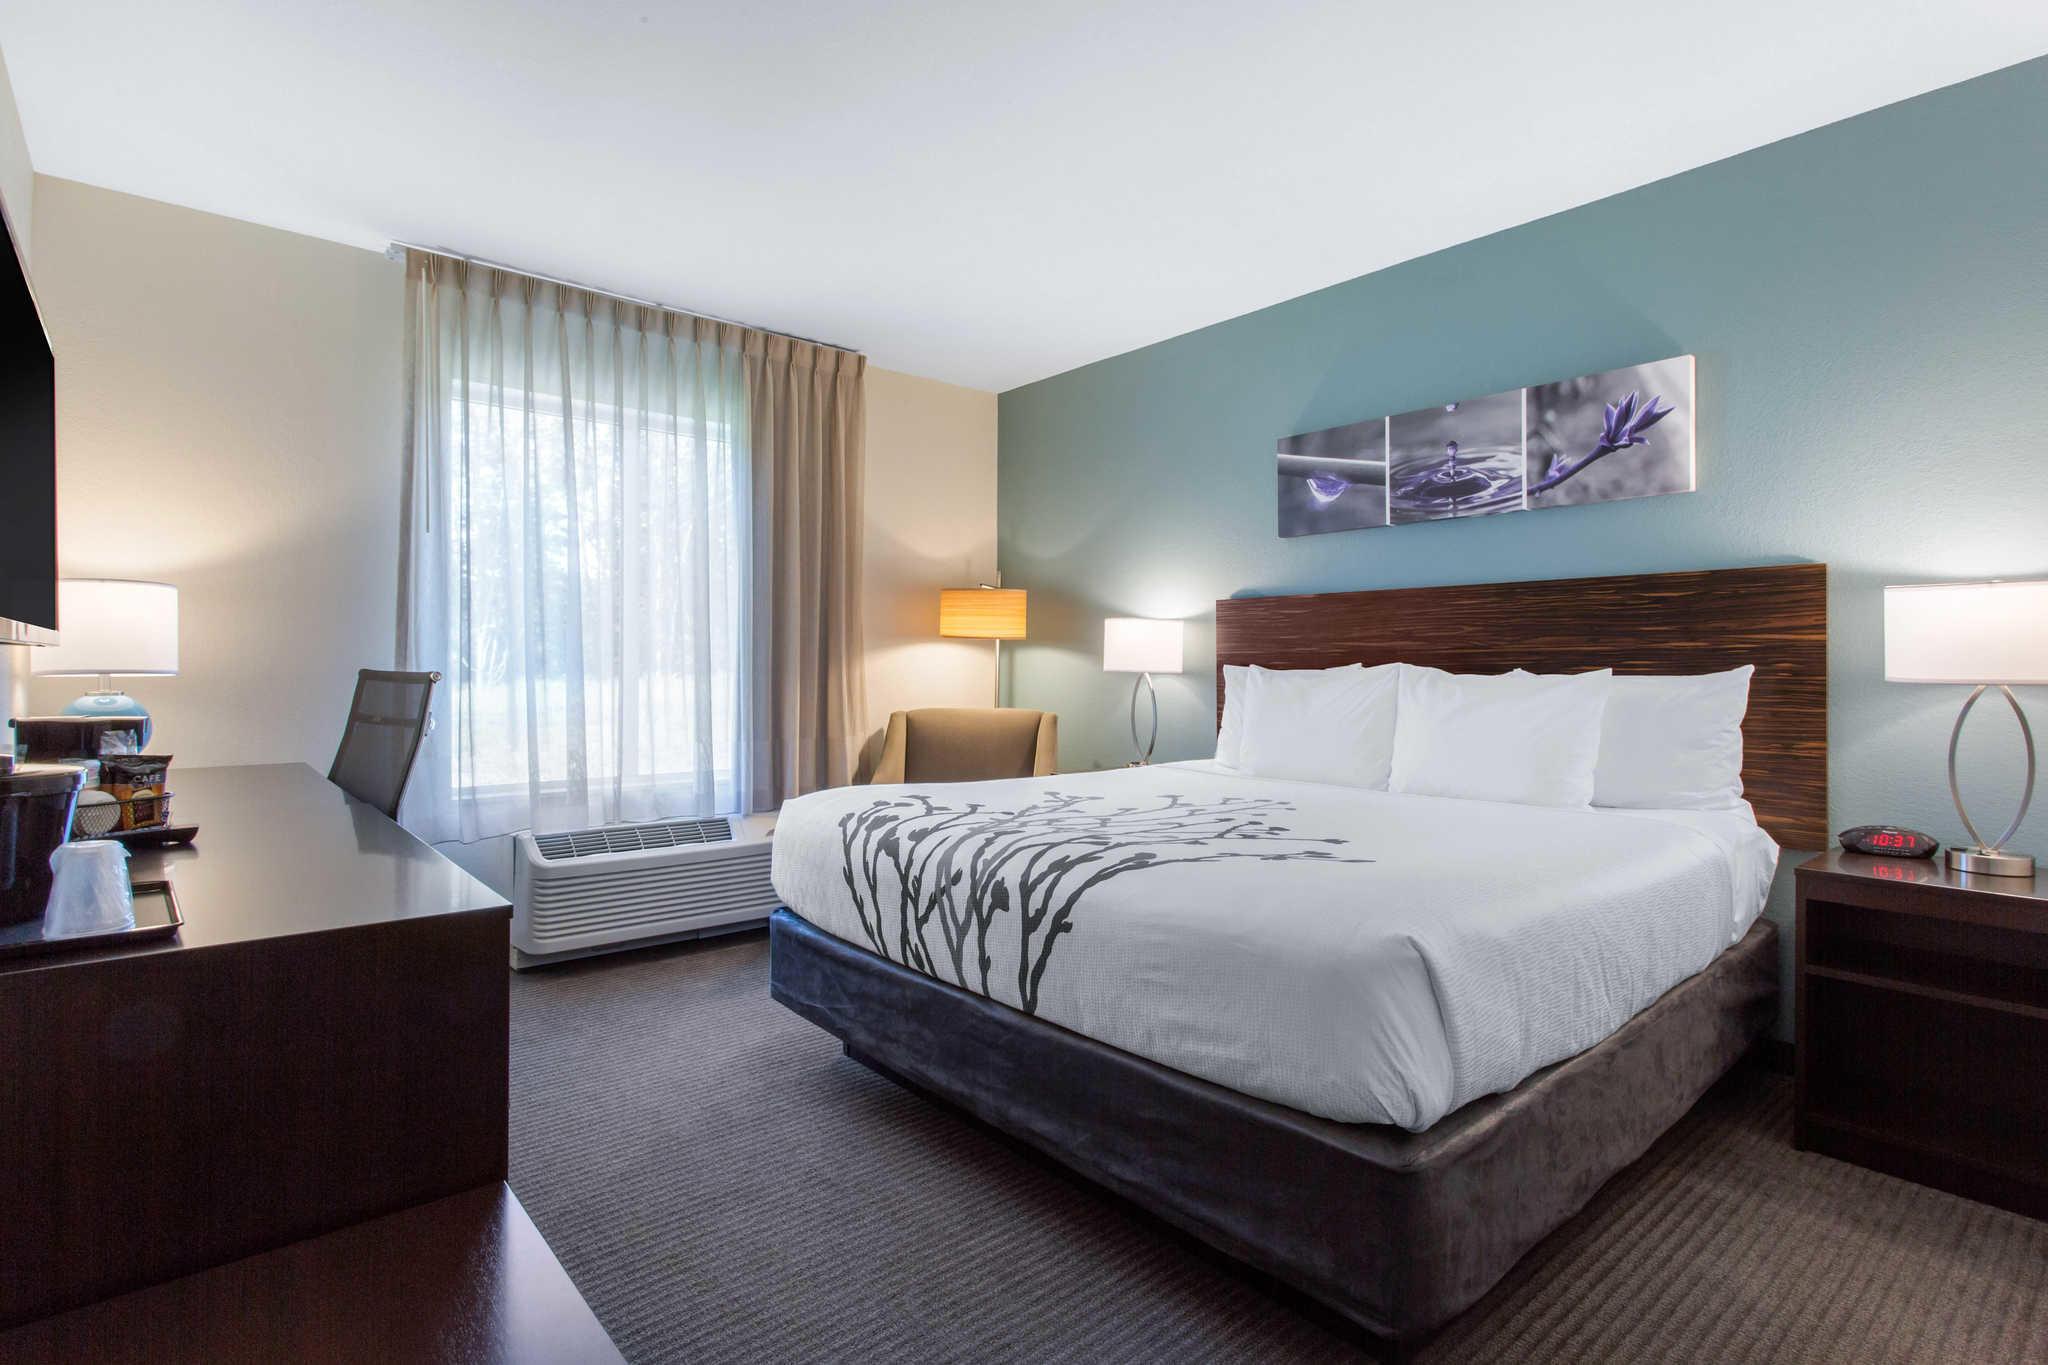 Sleep Inn & Suites Monroe - Woodbury image 0